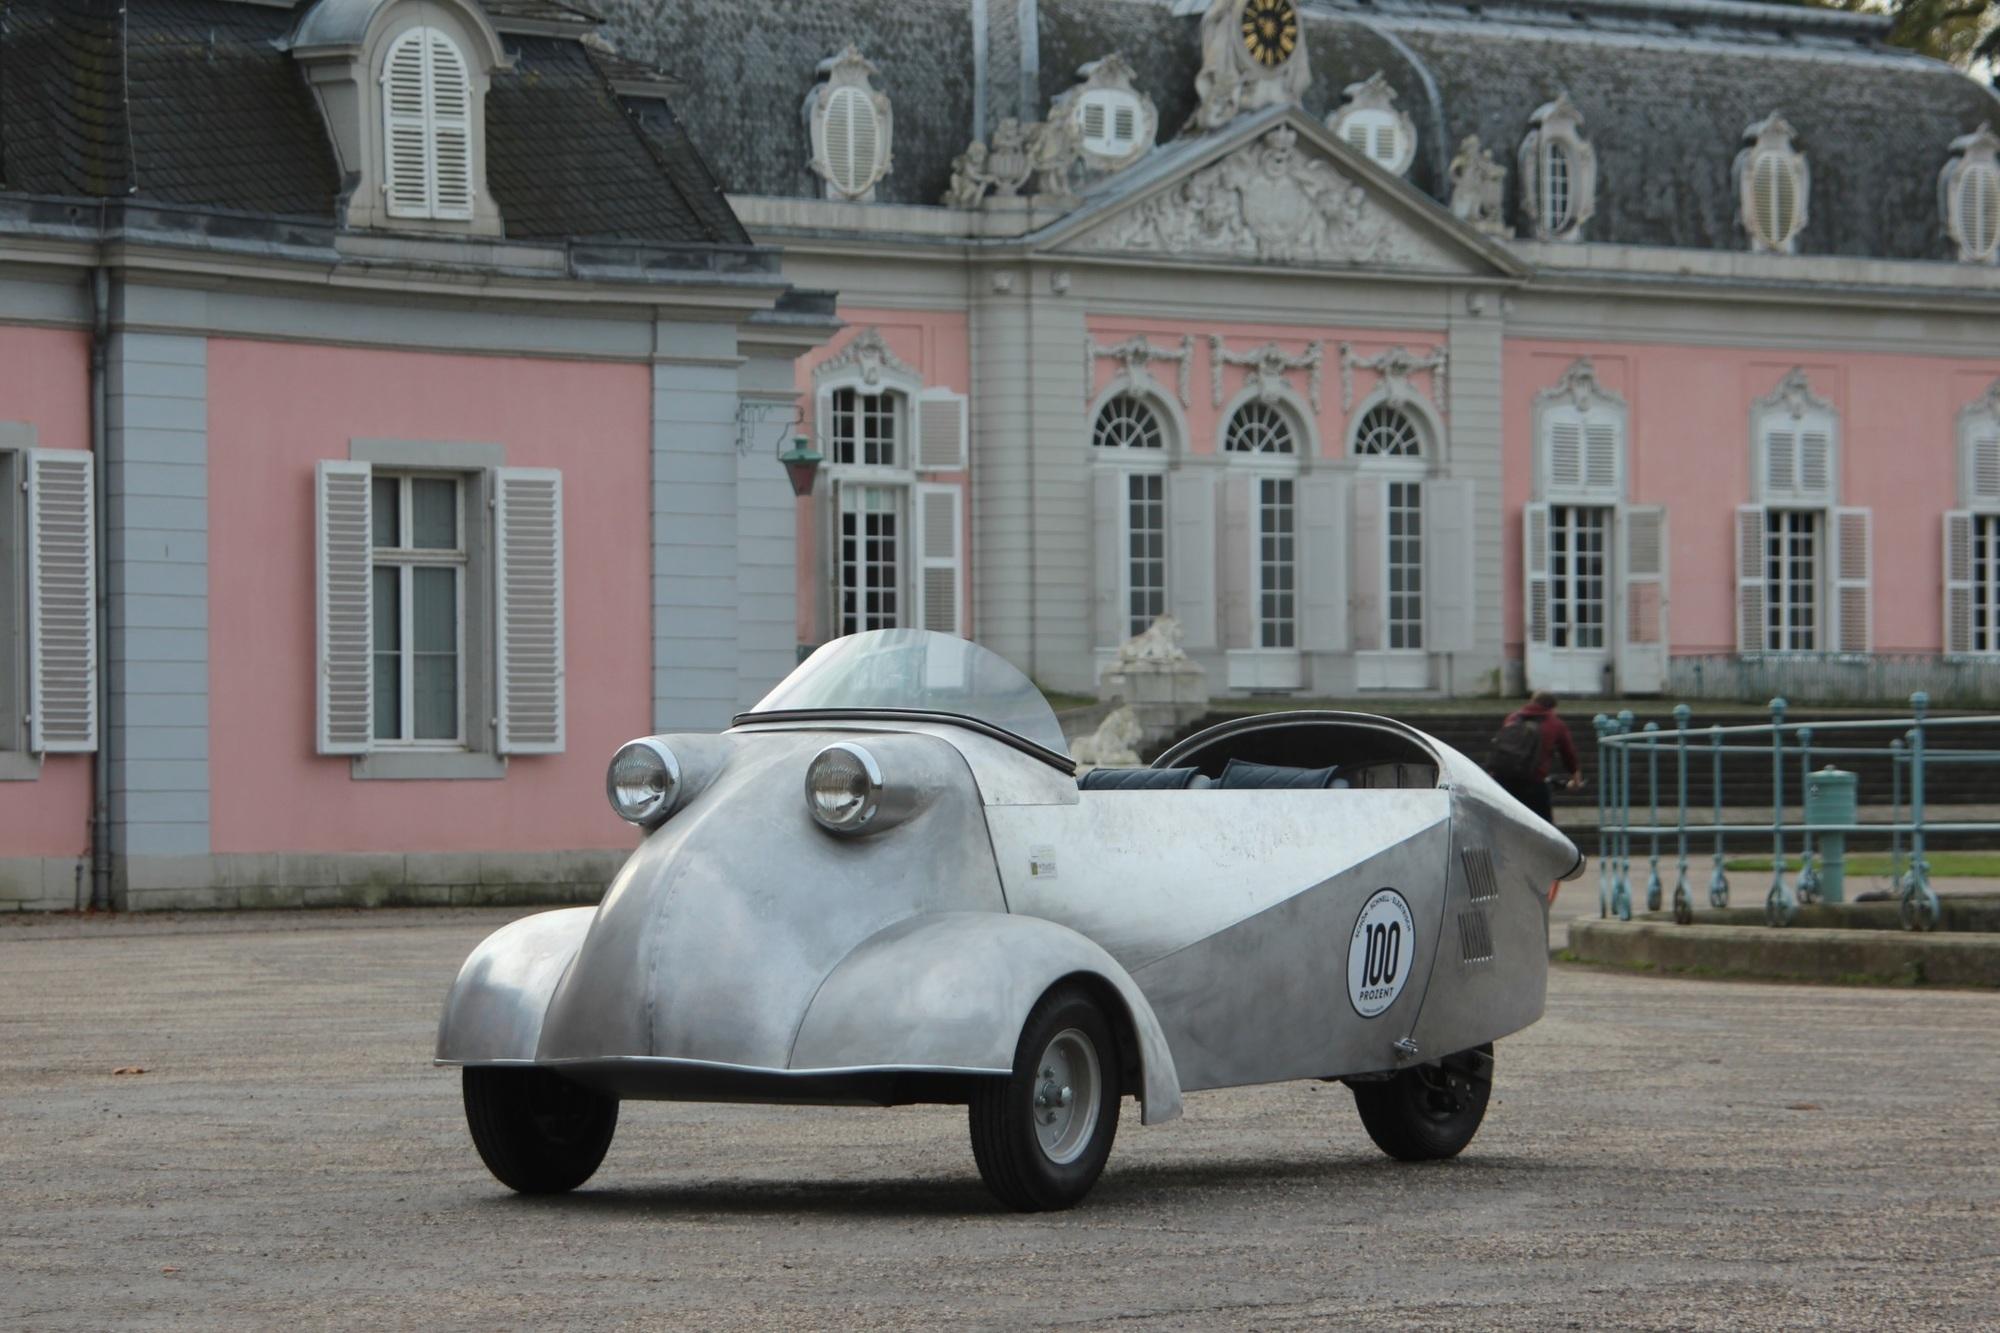 Panorama: Elektrischer Messerschmitt - Zukunft in alten Gewändern